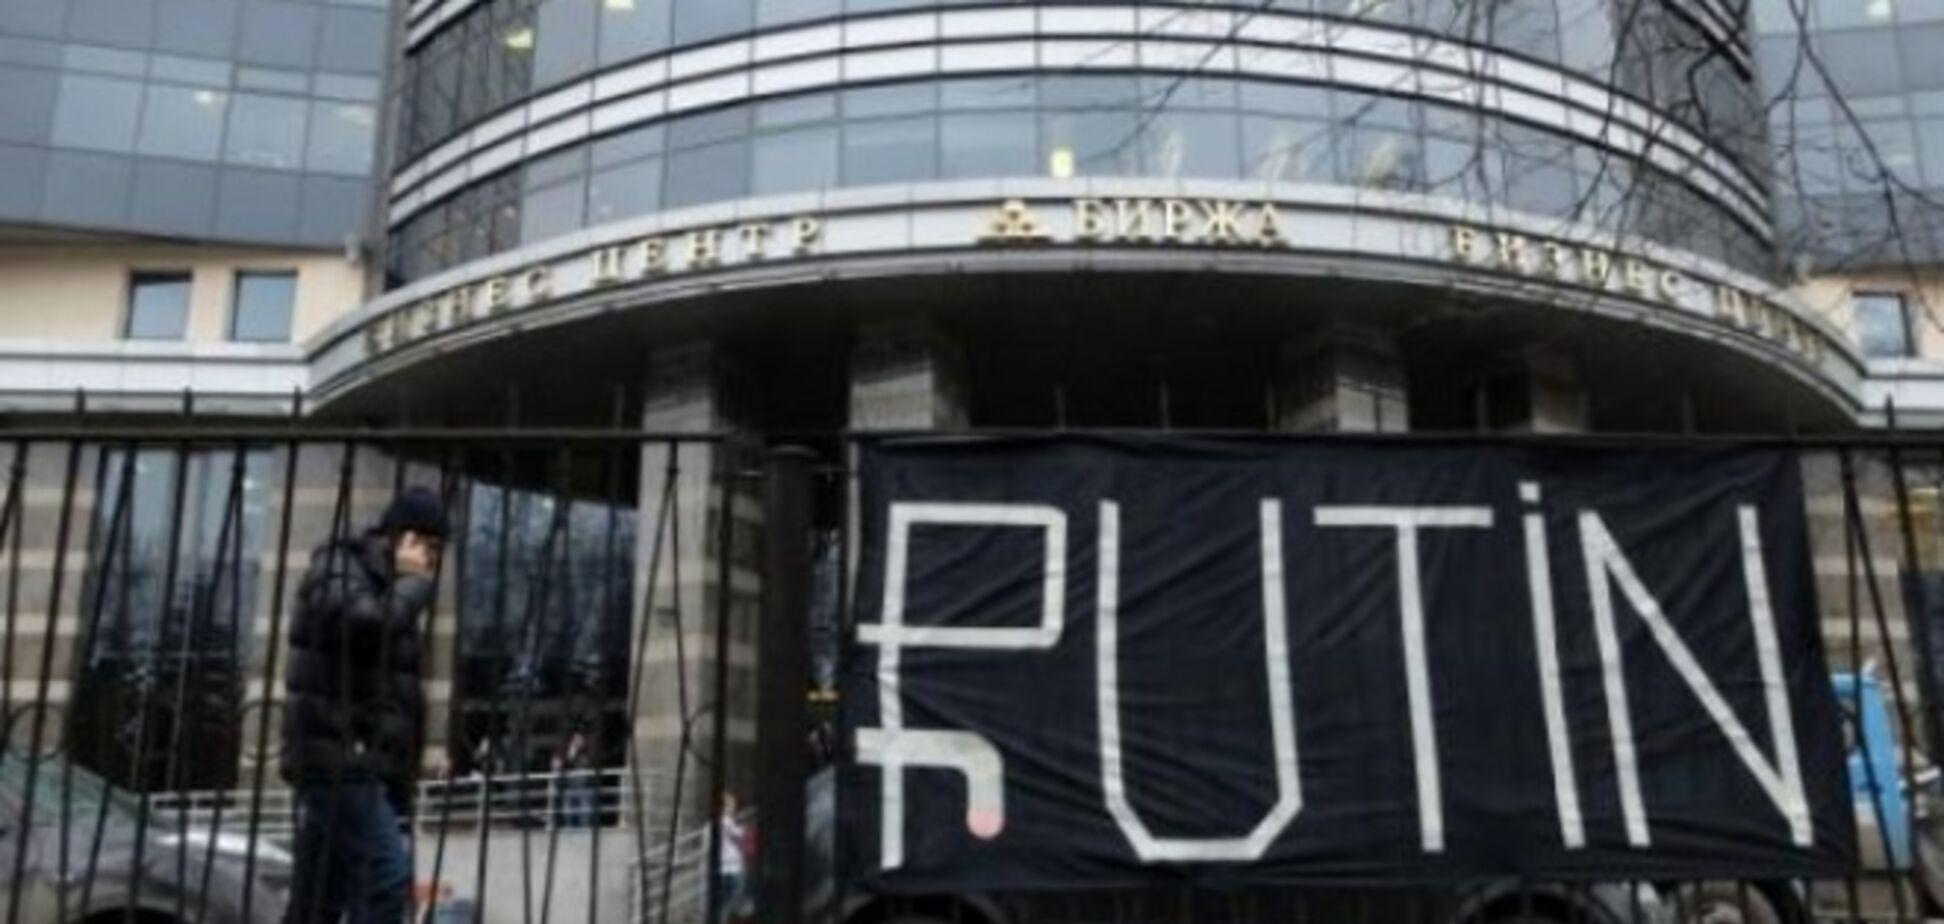 Все упало! В Санкт-Петербурге возле биржи вывесили баннер про рубль и Путина: фото плаката